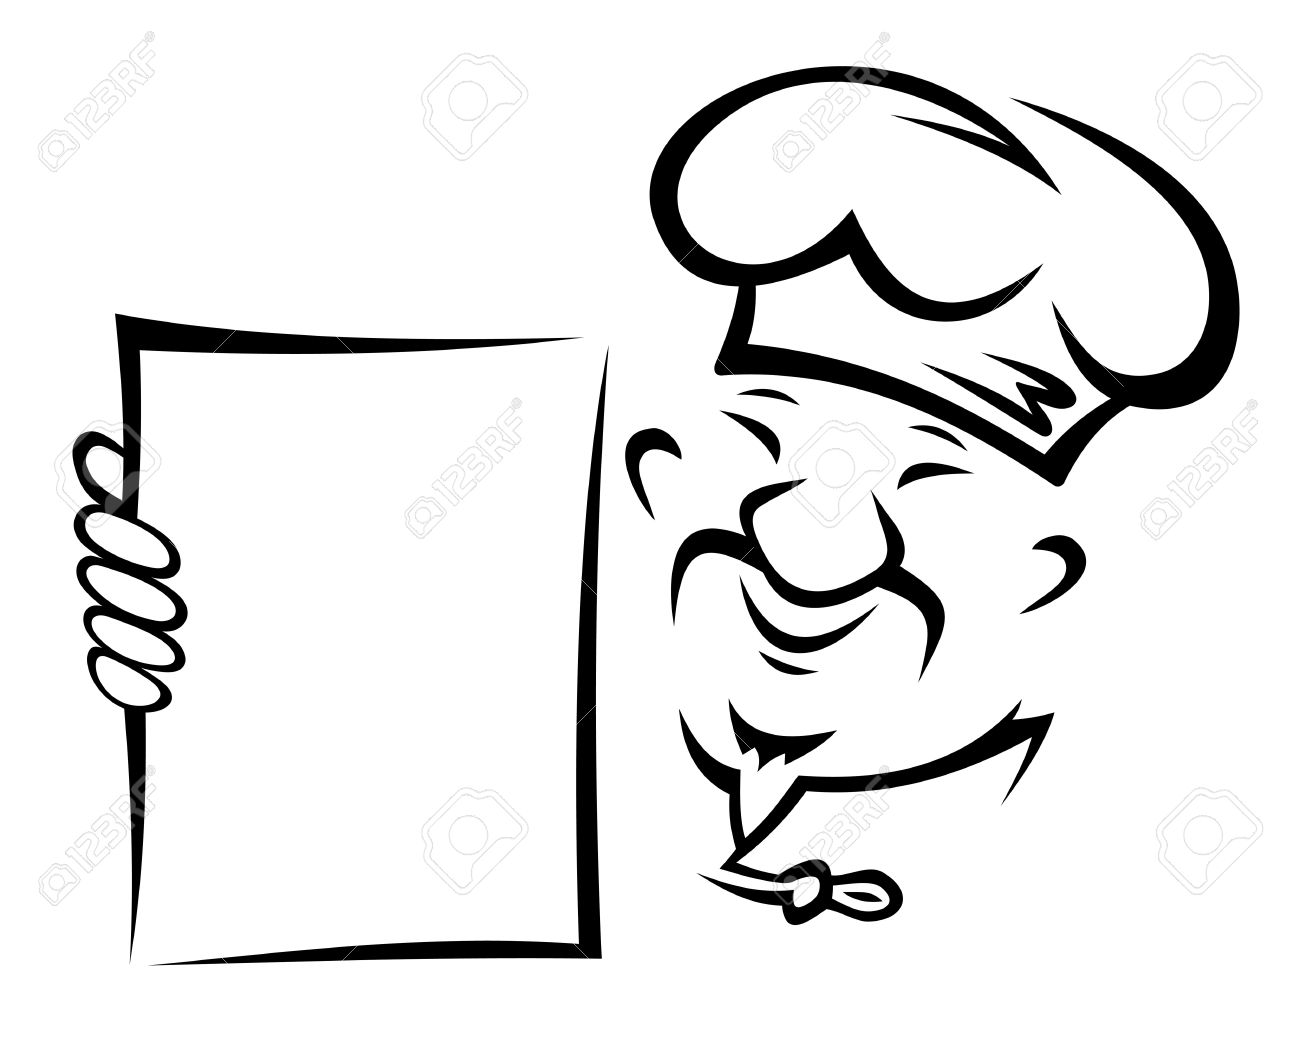 blank menu